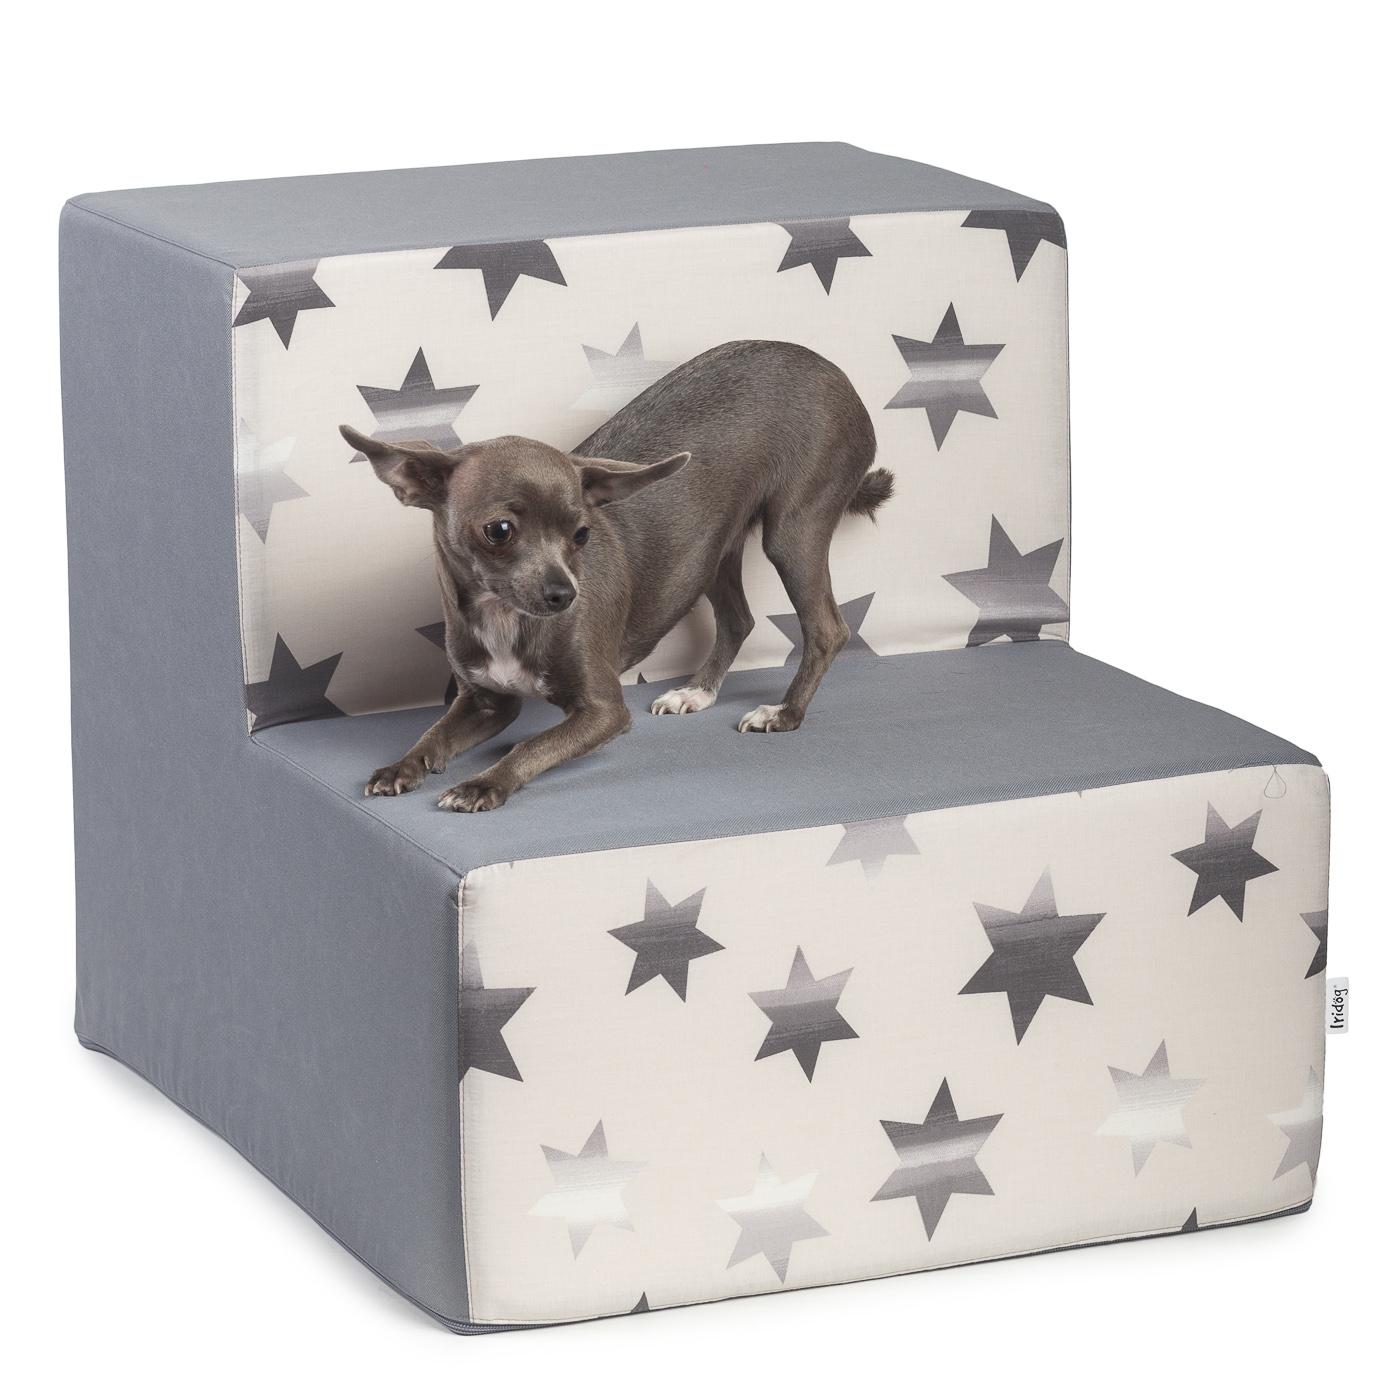 Schody pro psy, no. 41, hvězdičky, 3 malé